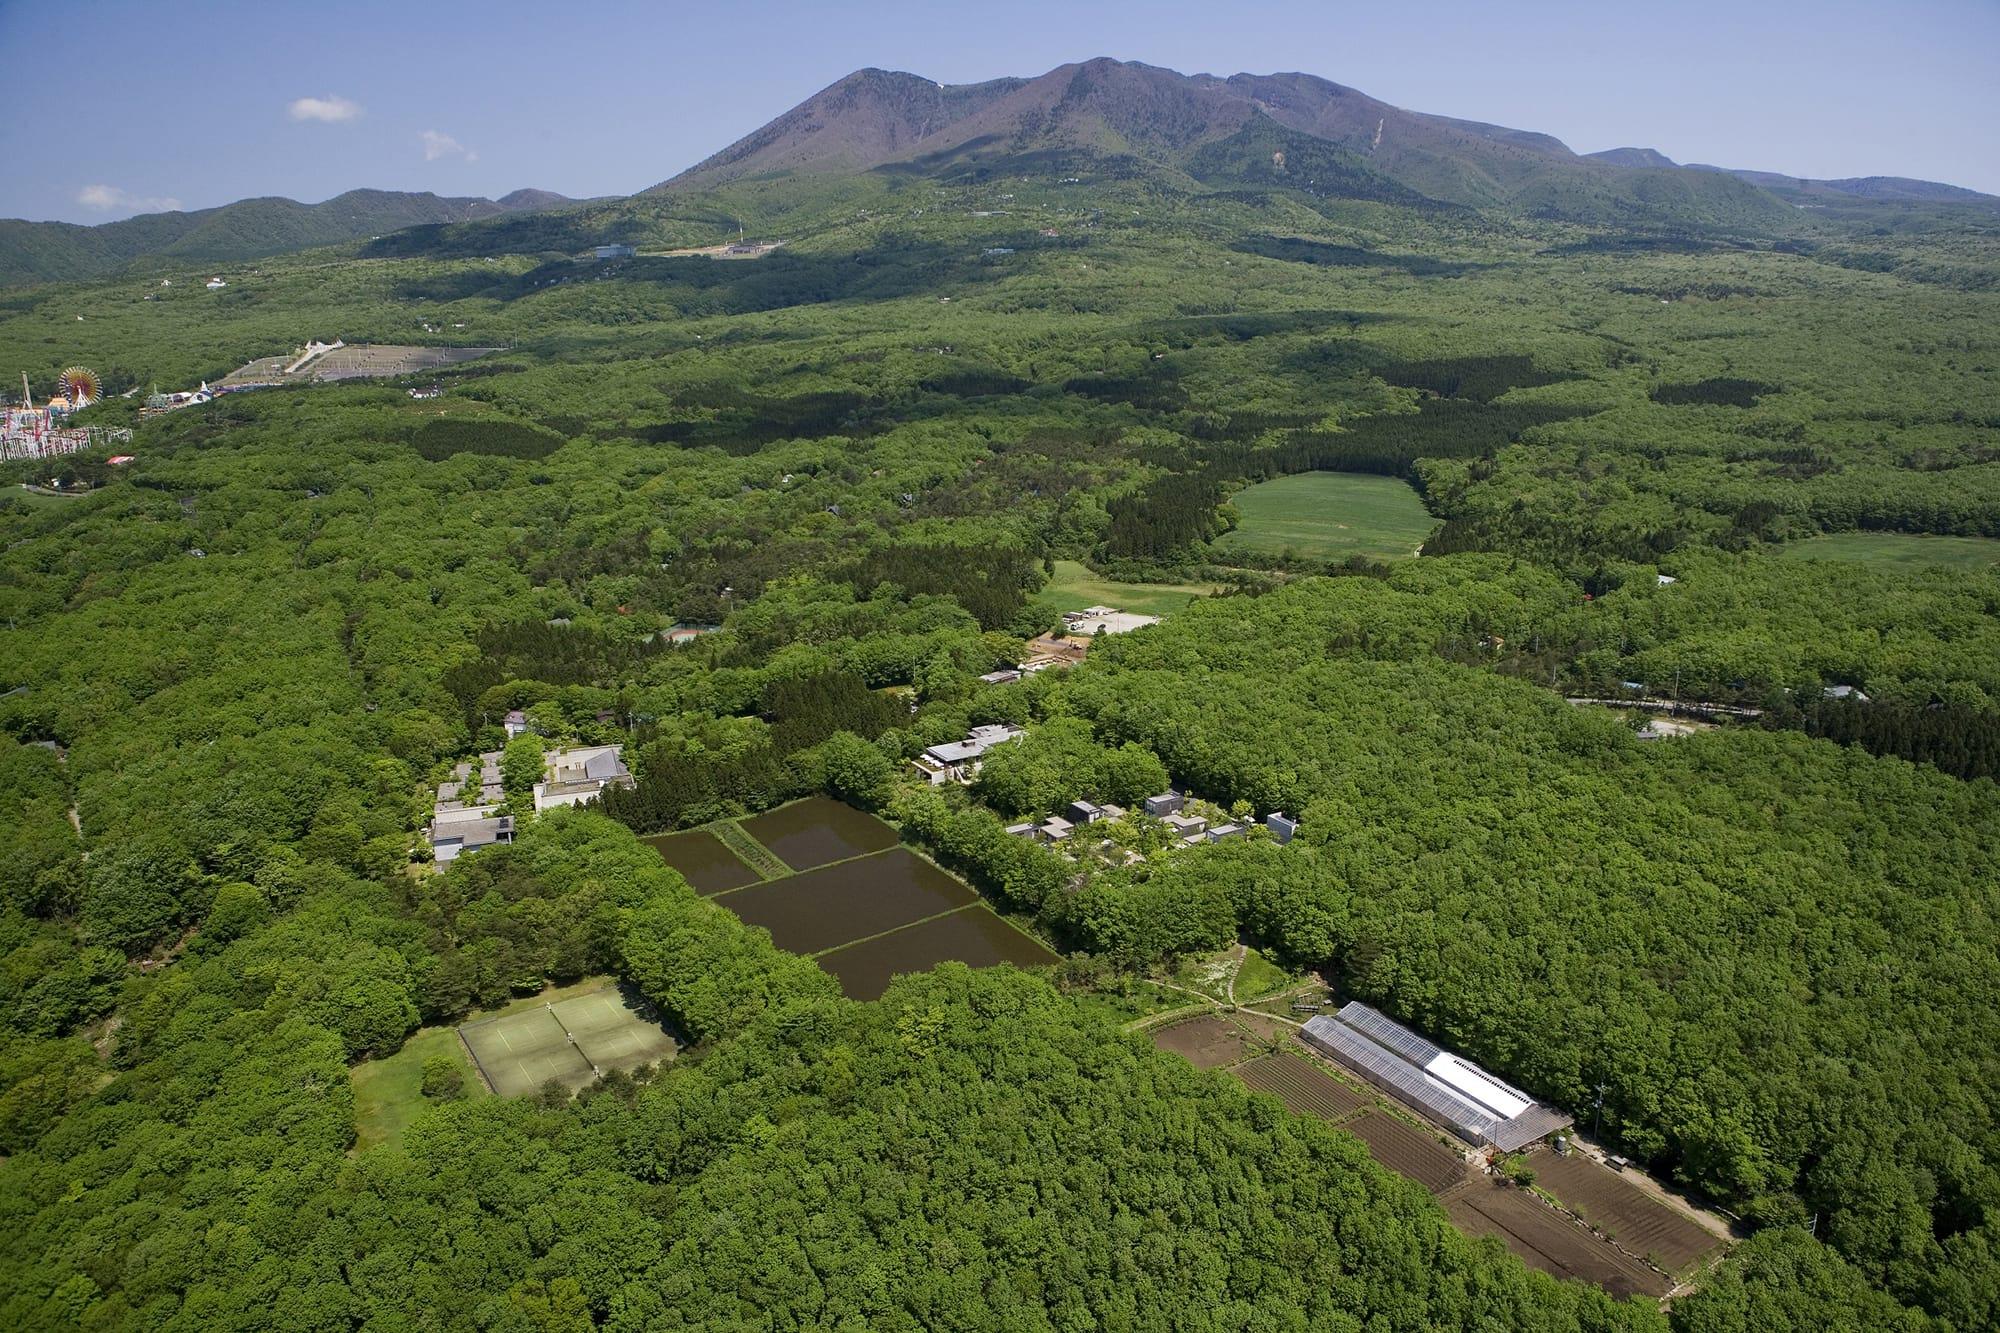 わずか6室からスタートした二期倶楽部は、自然との共生をテーマにしながら、栃木県那須高原山麓の横沢エリアにおける「美しい村」づくりを目指してきた。